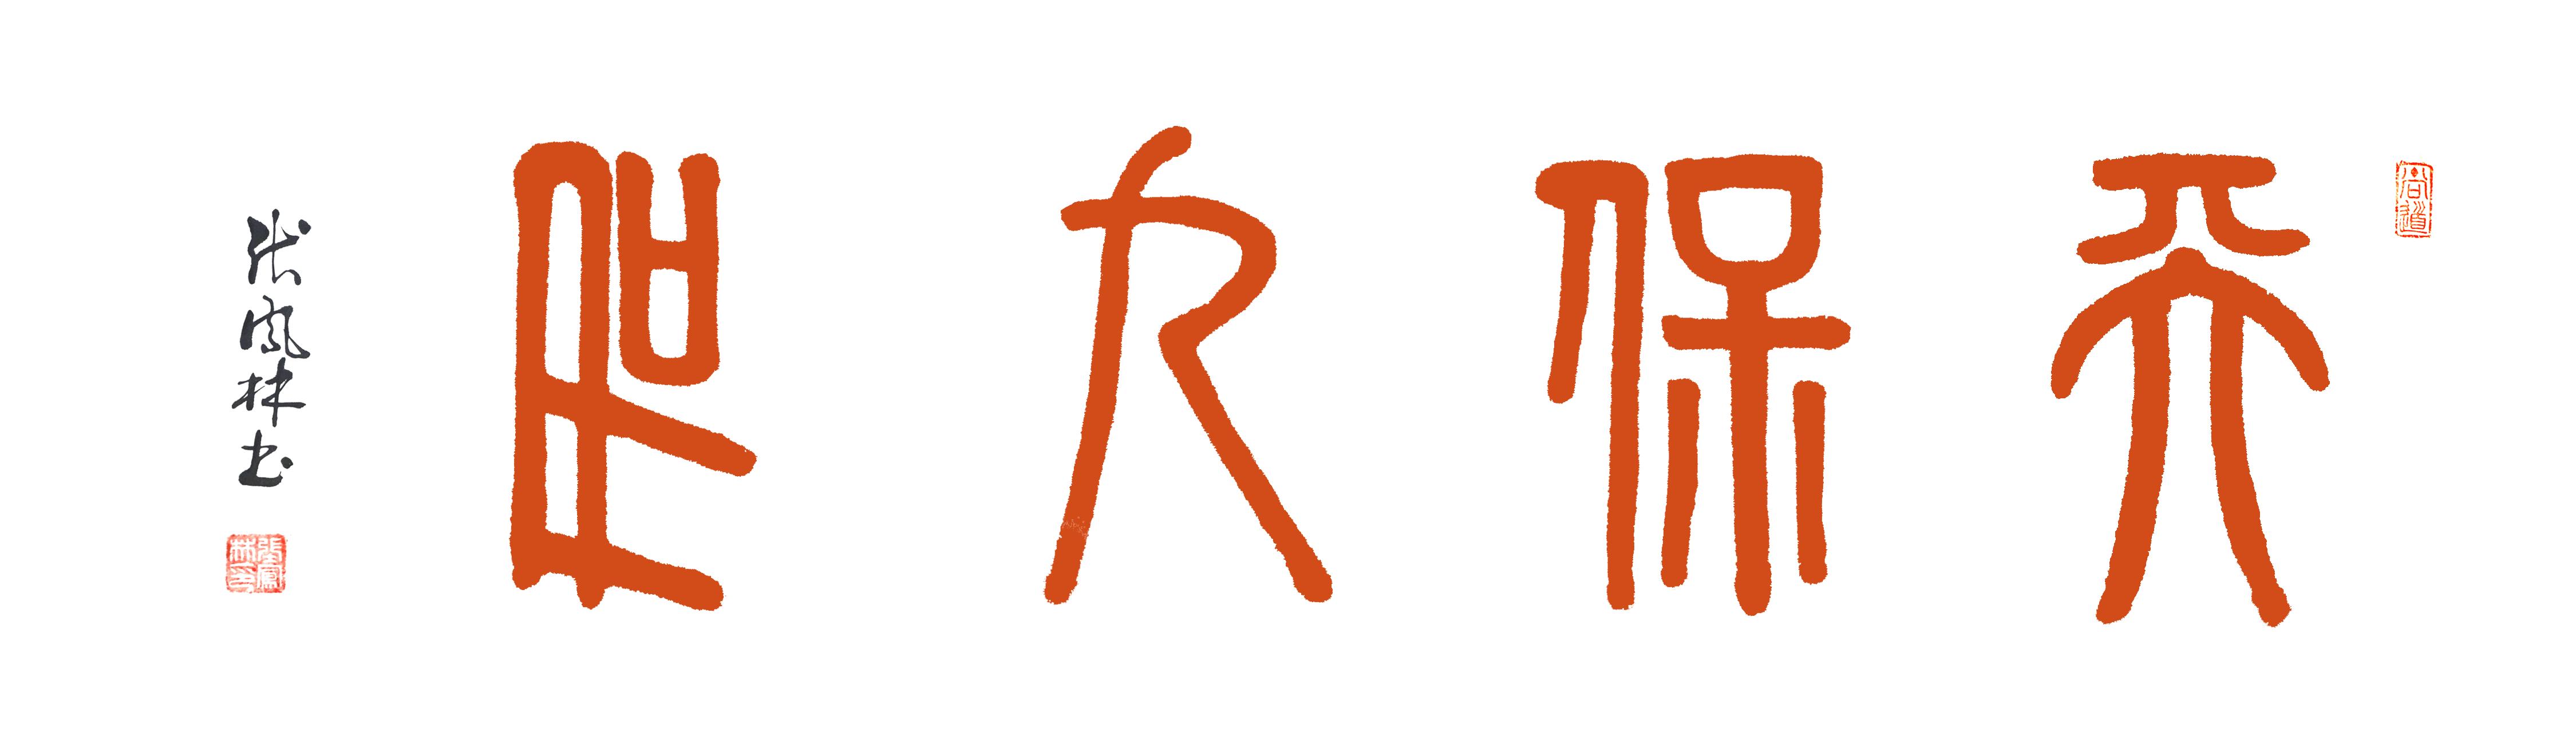 张凤林道长书画作品